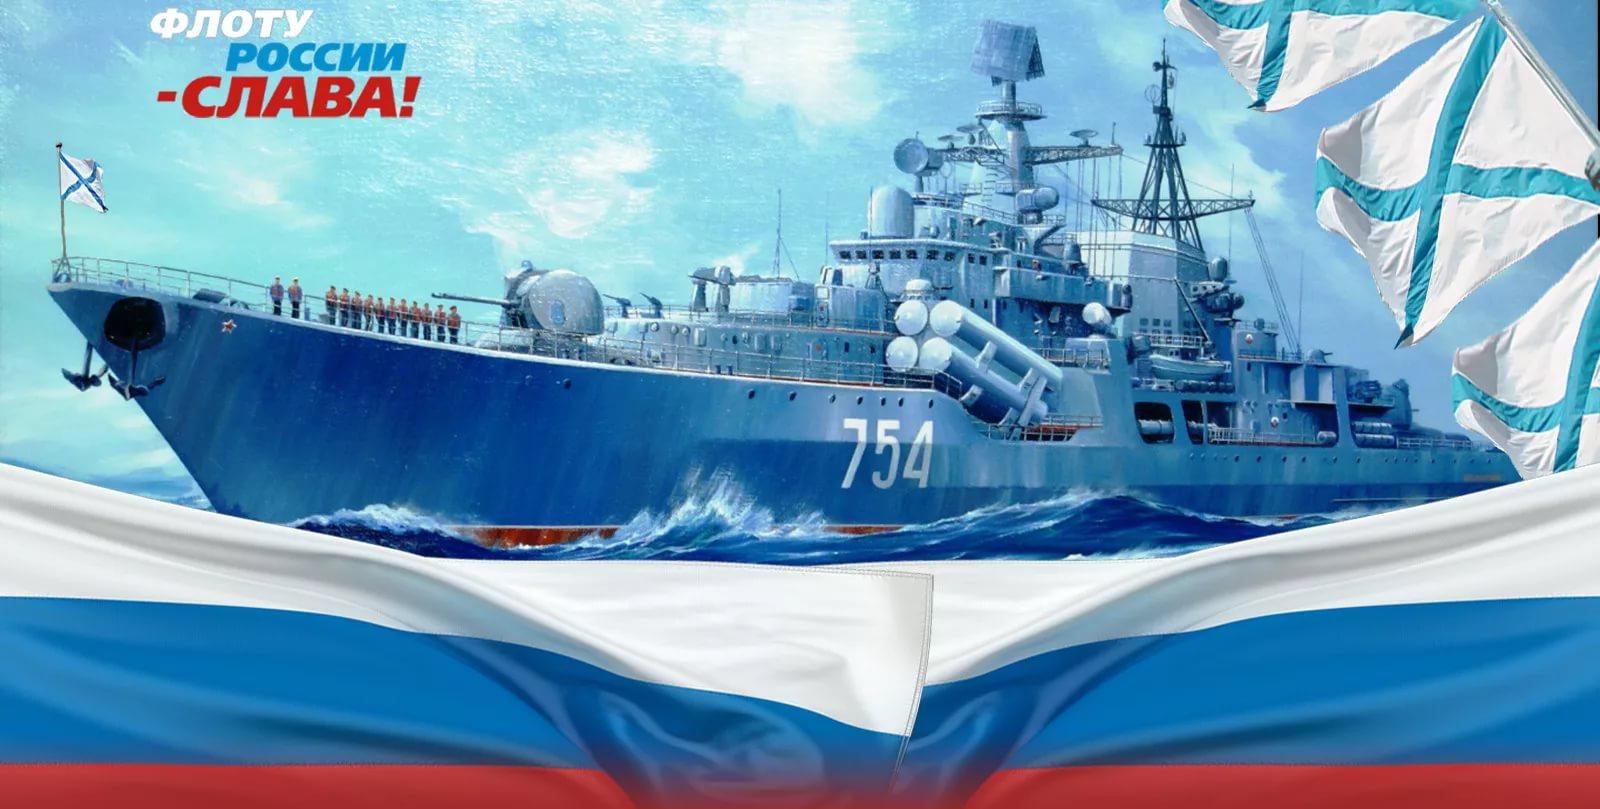 Пионерами, открытки на день флота россии